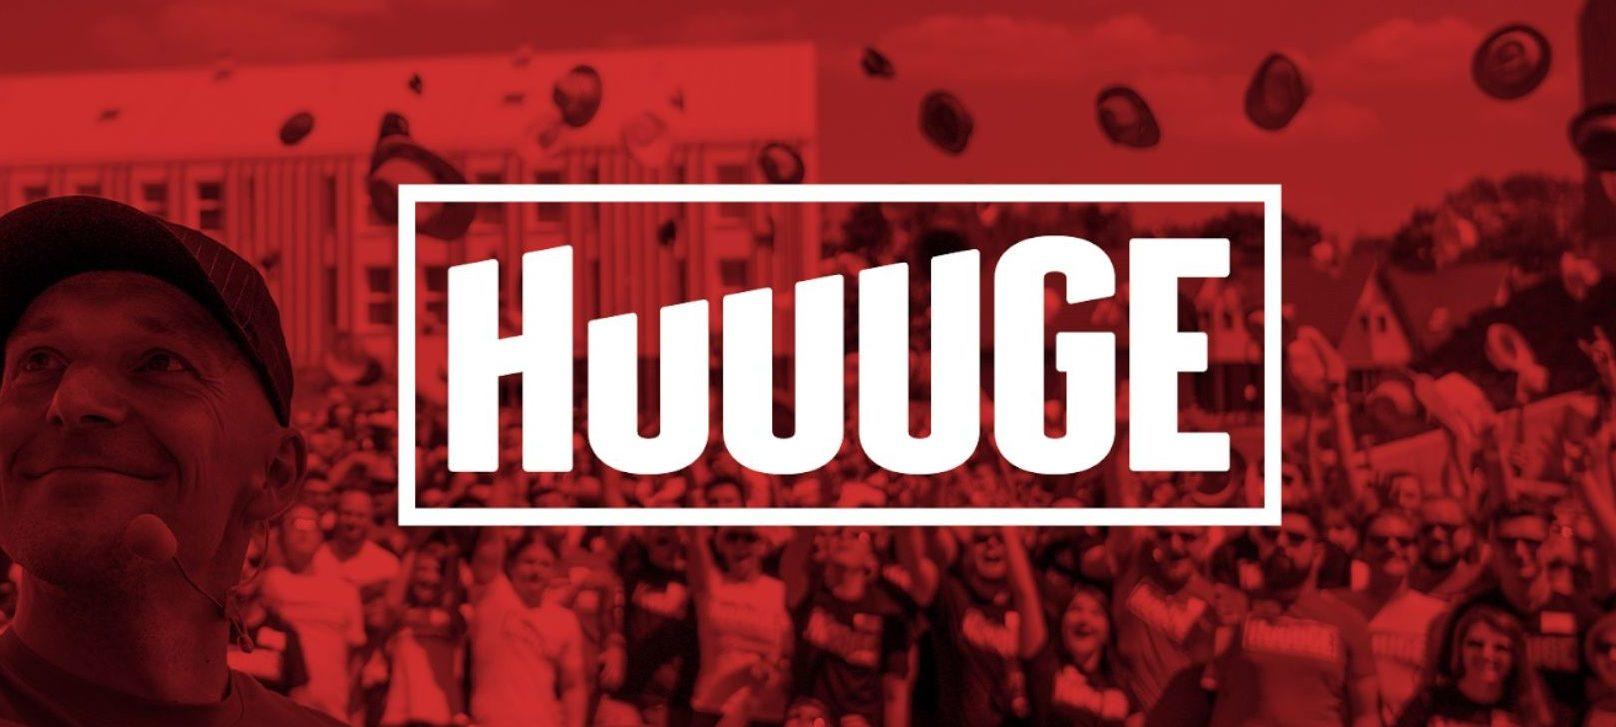 Huuuge Games провели IPO и заняли второе место по капитализации среди геймдев-компаний на Варшавской фондовой бирже